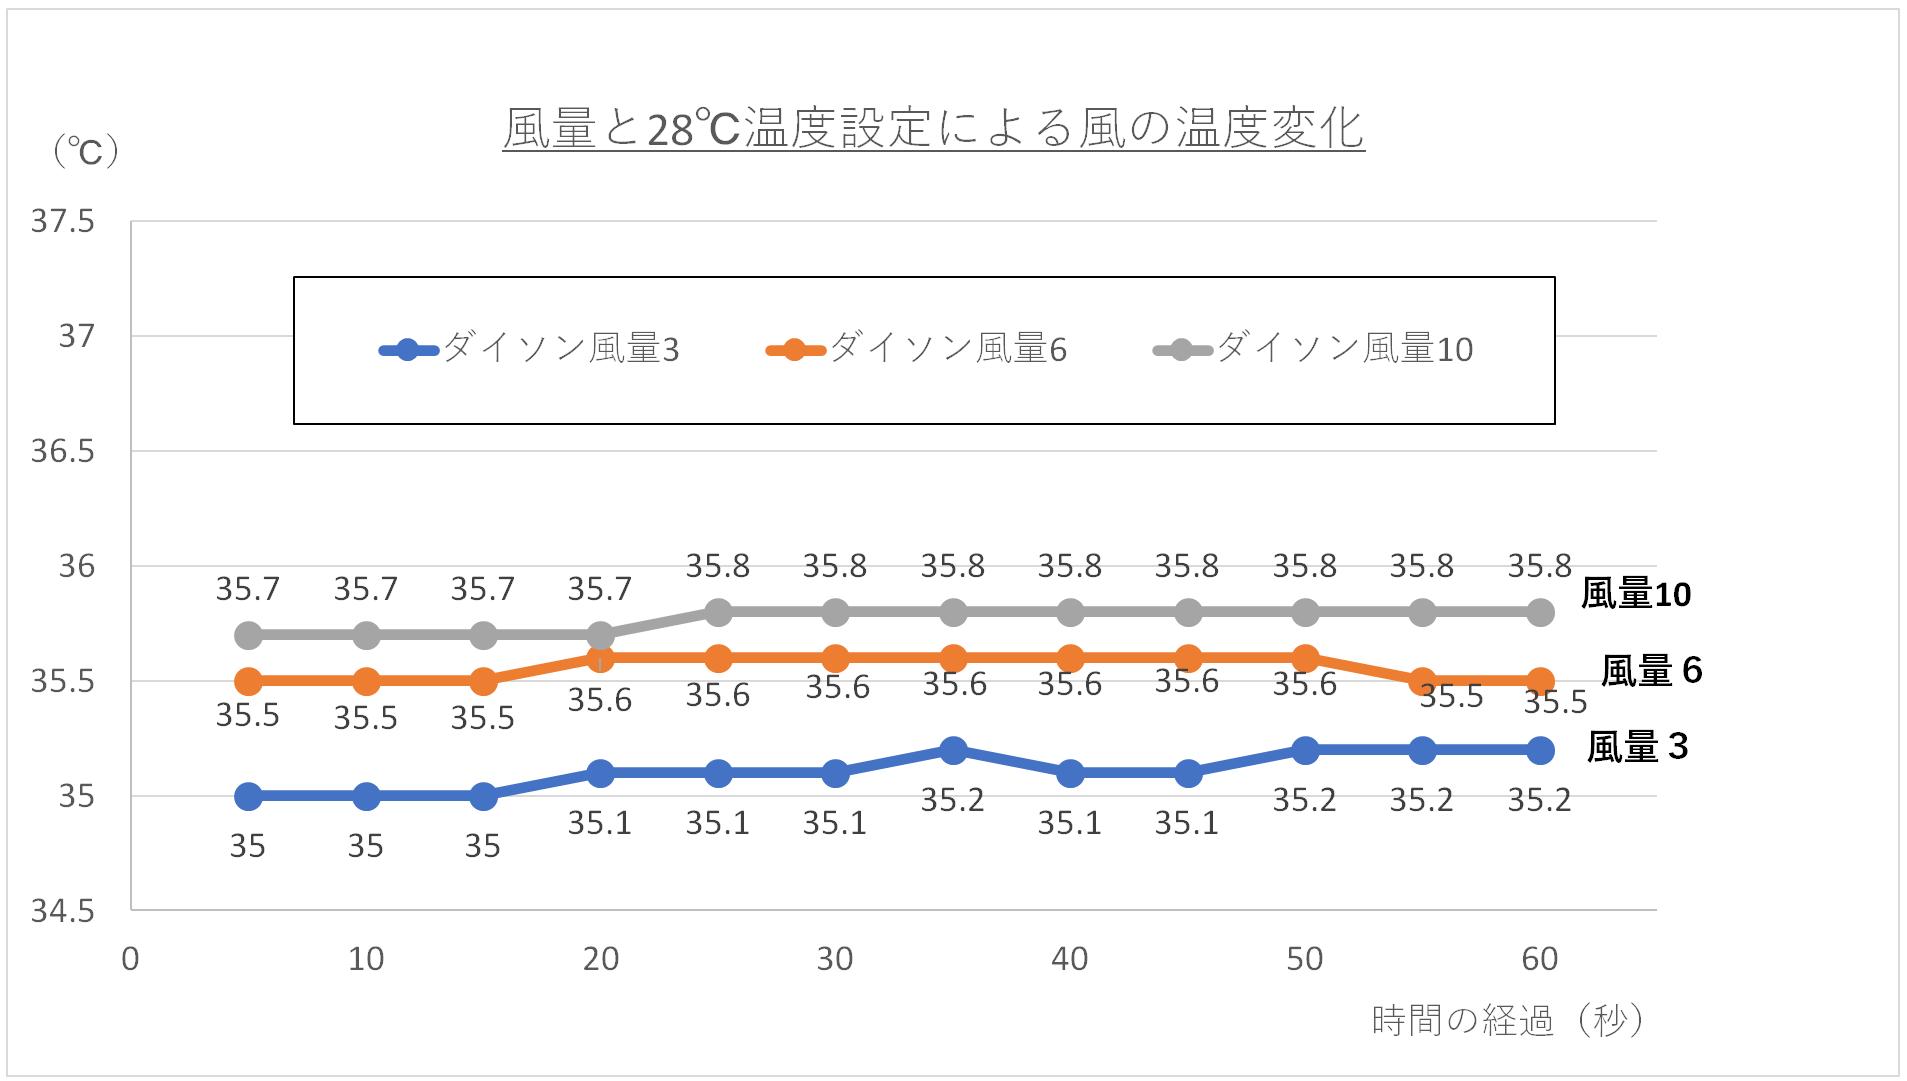 風量と28℃温度設定による温風の温度変化グラフ